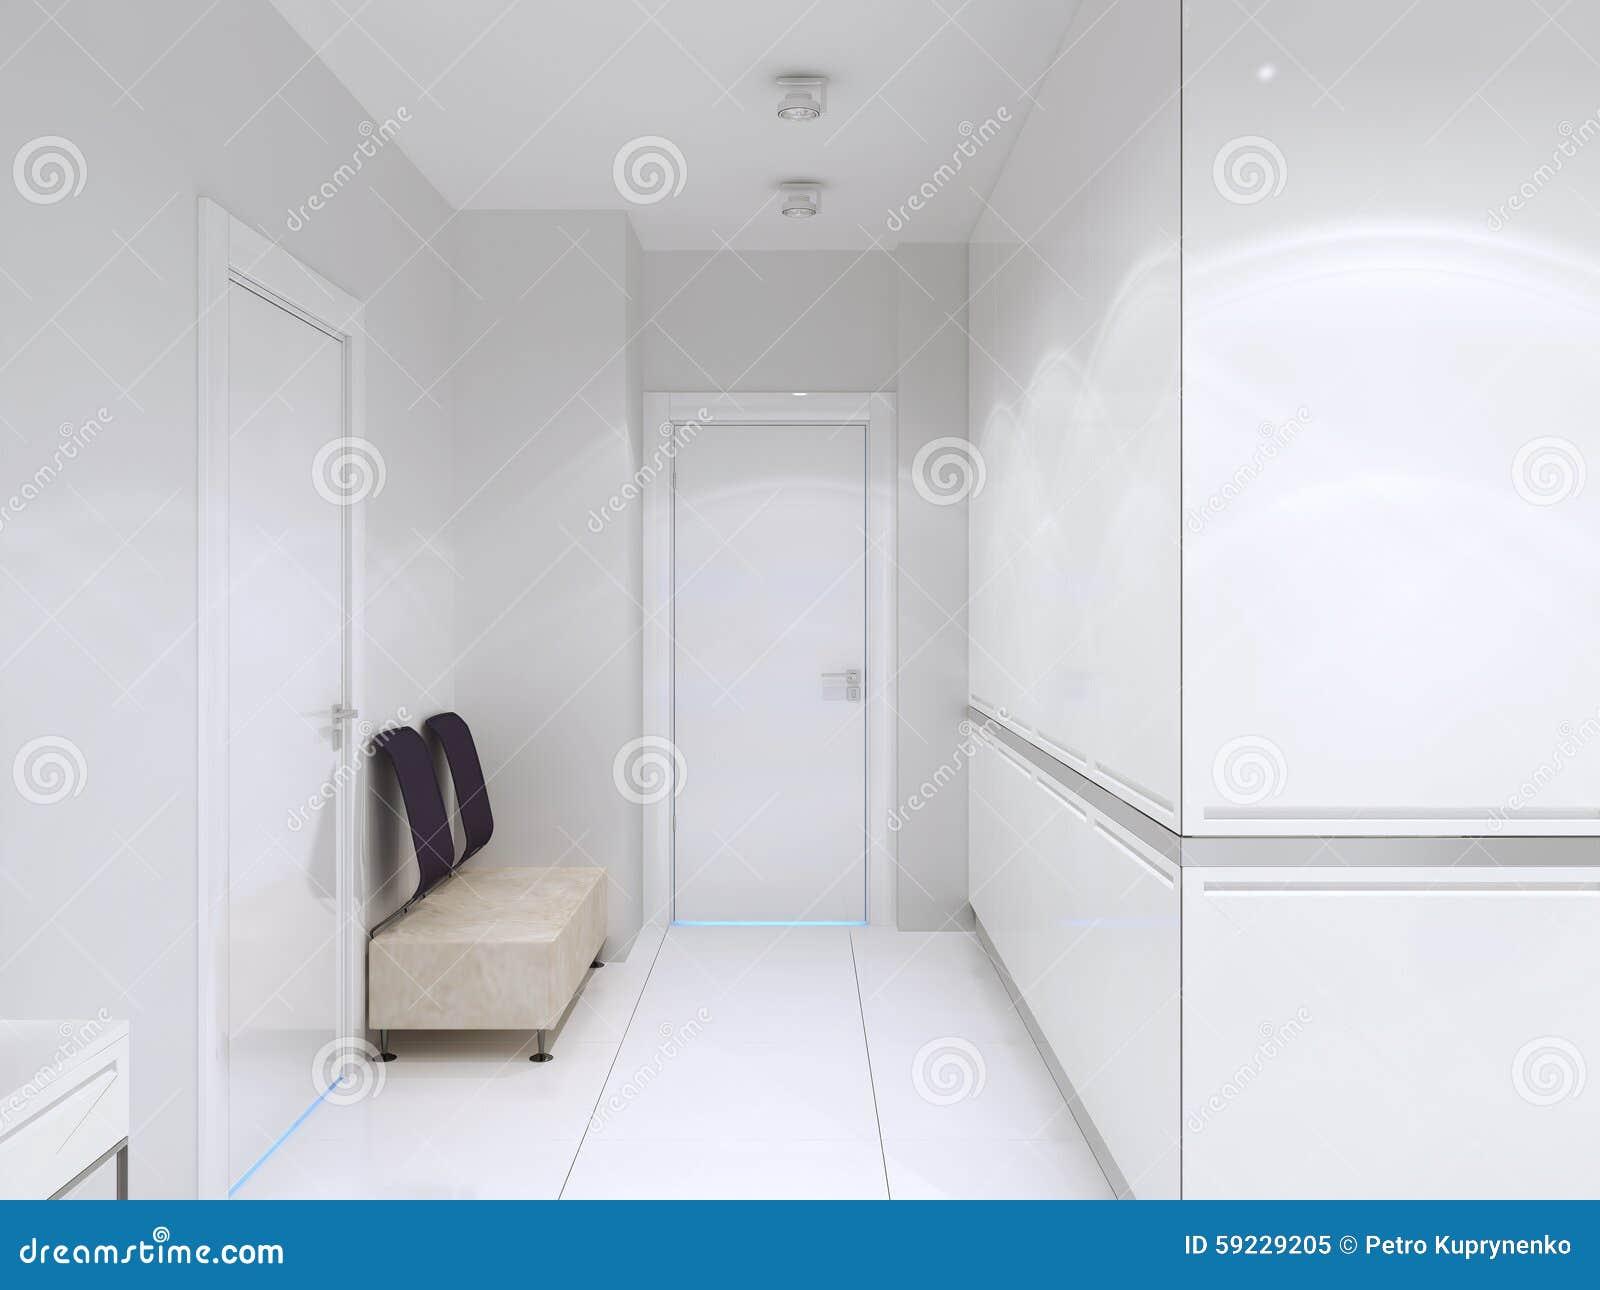 Pasillo minimalista en hotel de lujo